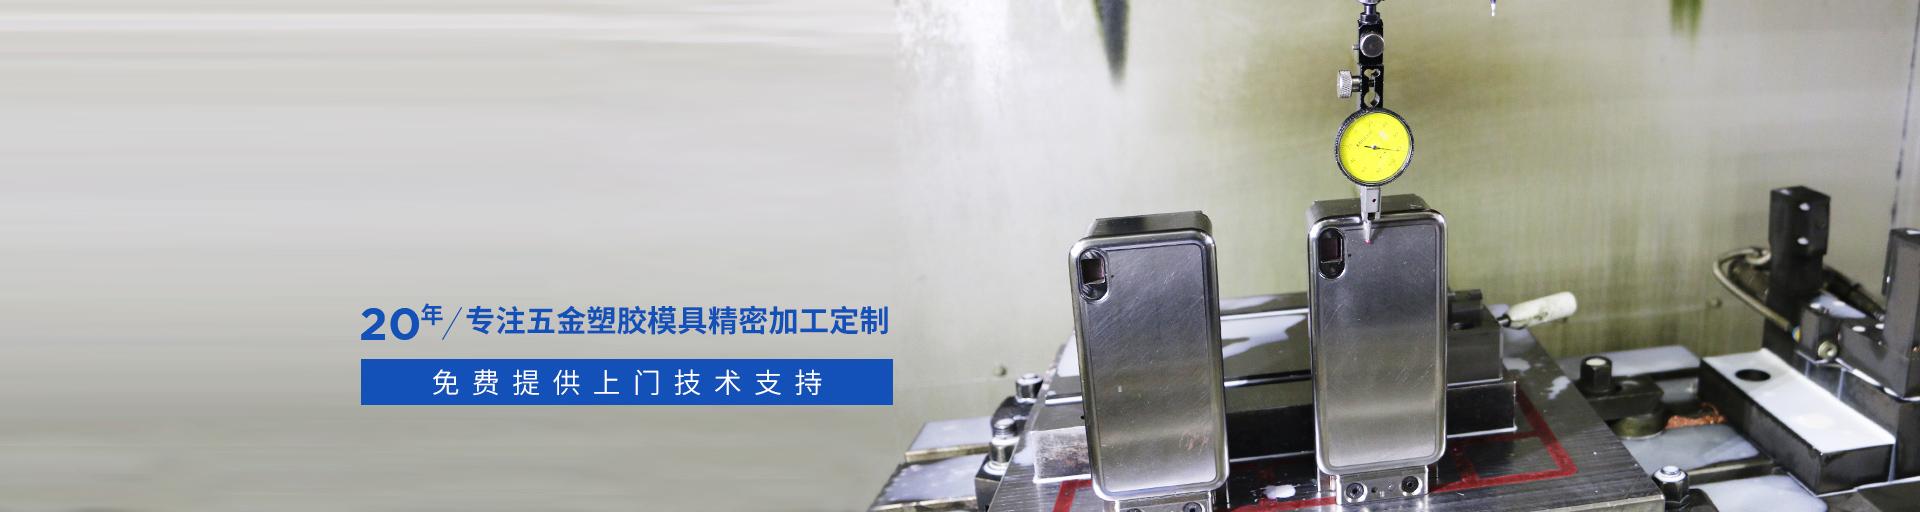 捷辉创-专注五金塑胶模具精密加工定制20年,免费提供上门技术支持